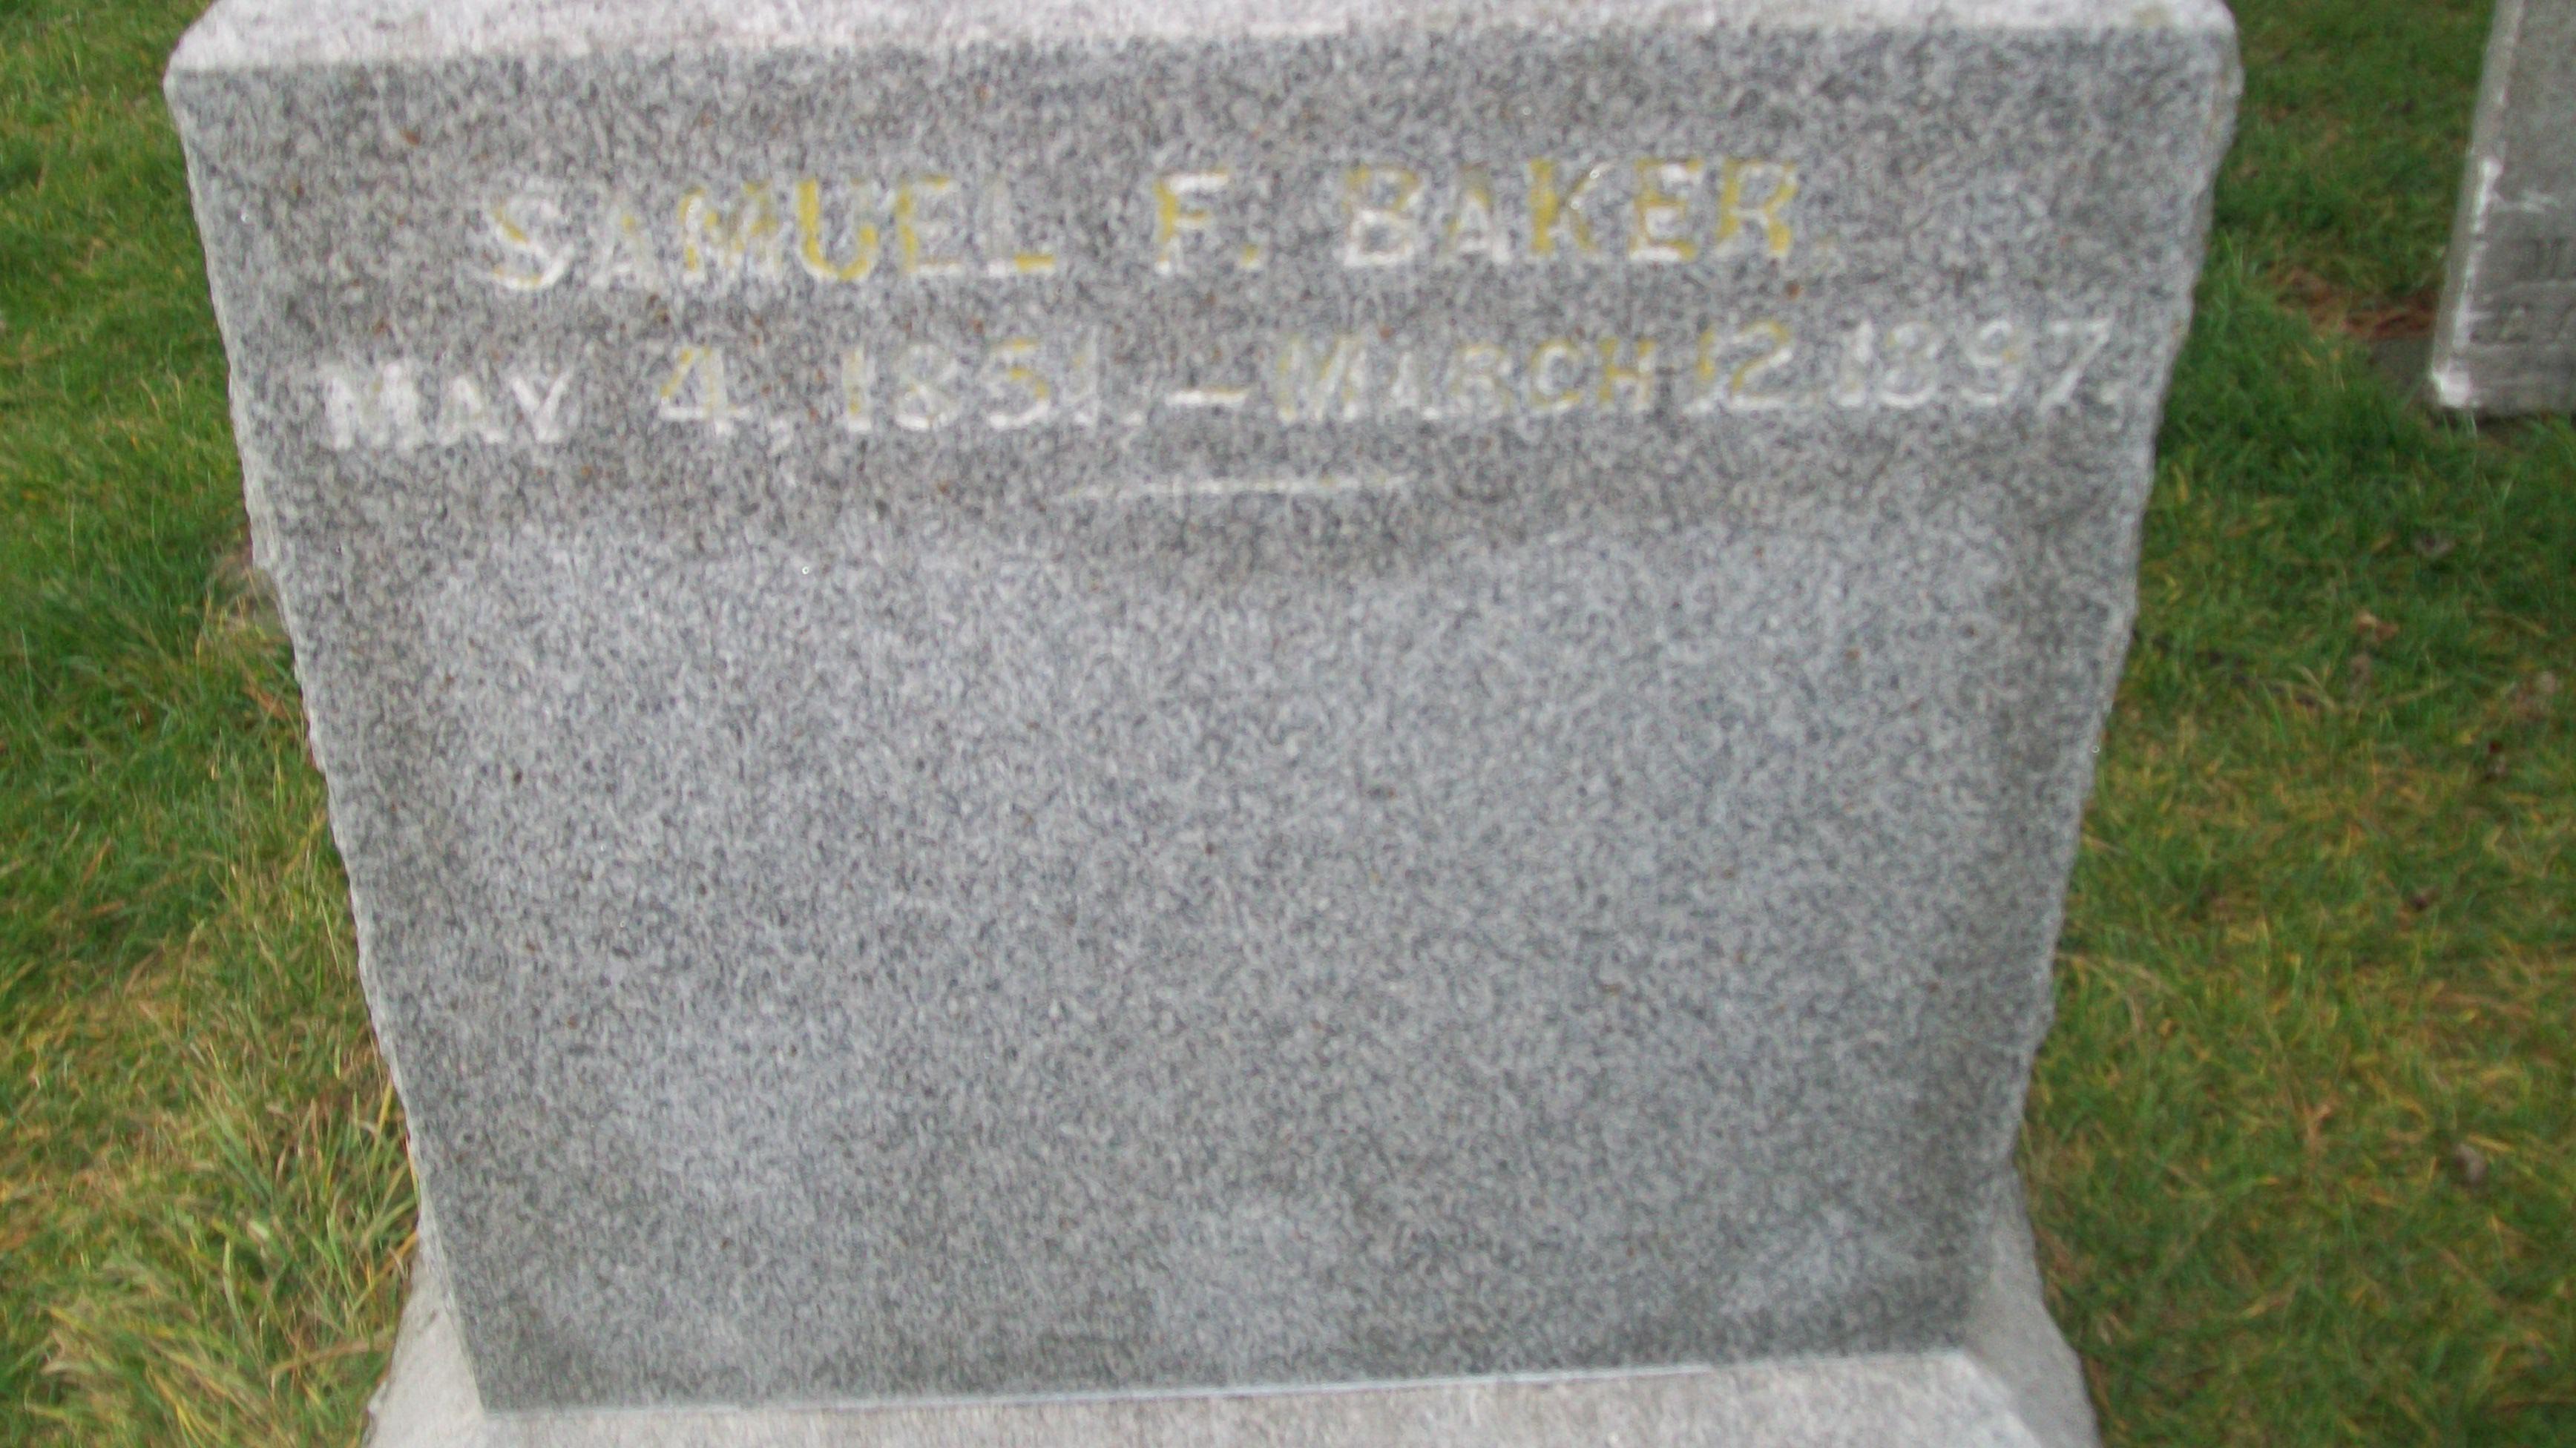 Samuel F Baker